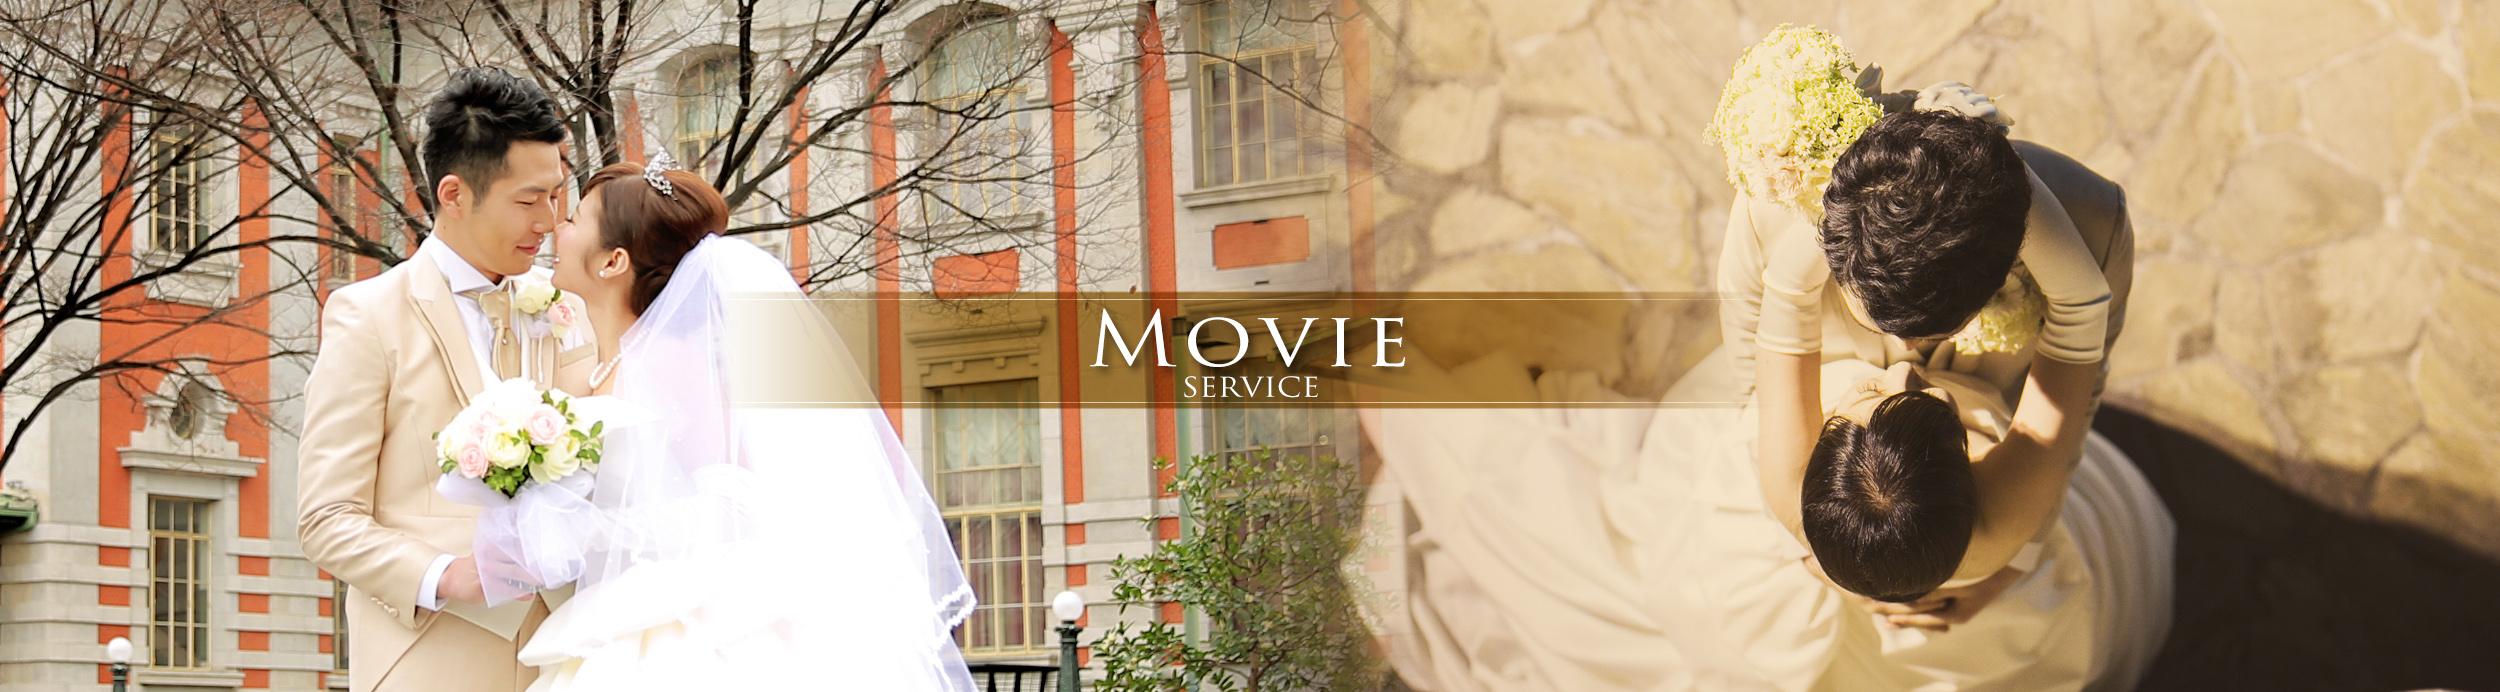 MOVIE service|ブライダルムービー撮影サービス